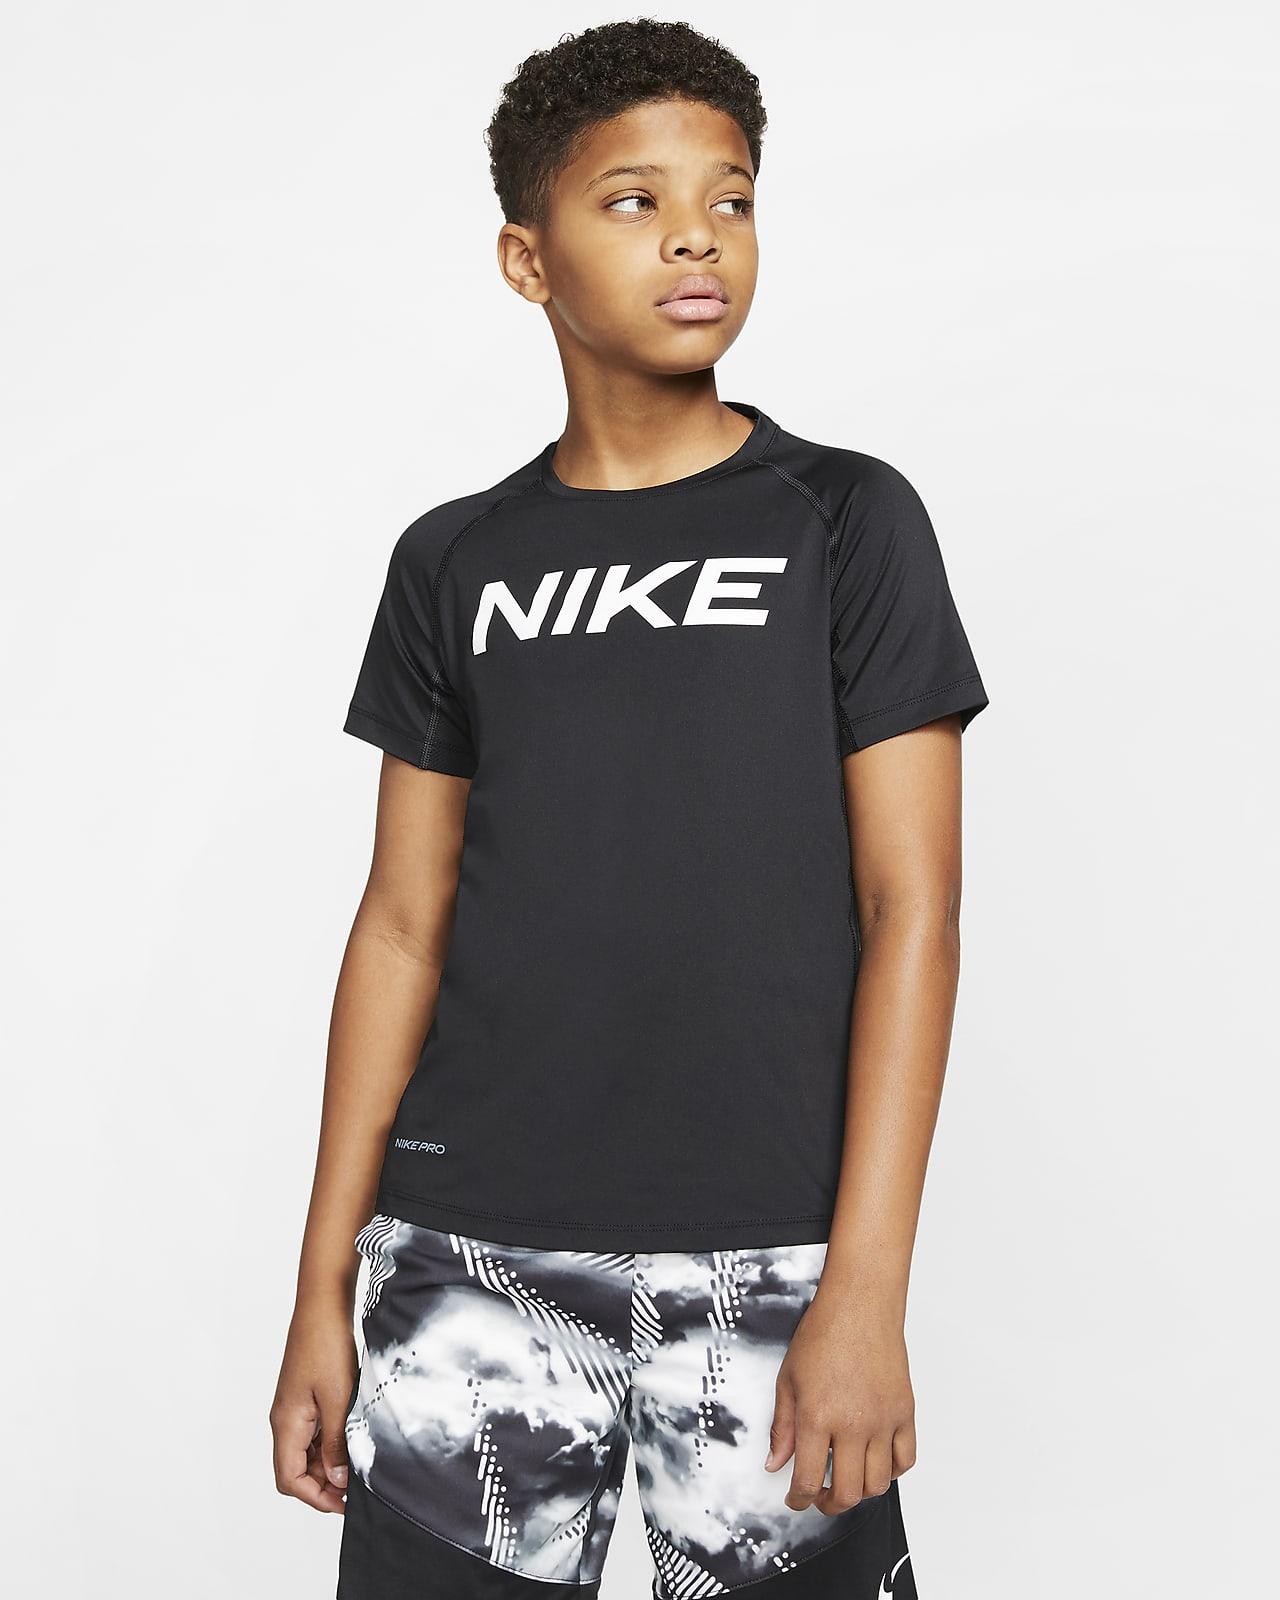 Футболка для тренинга с коротким рукавом для мальчиков школьного возраста Nike Pro